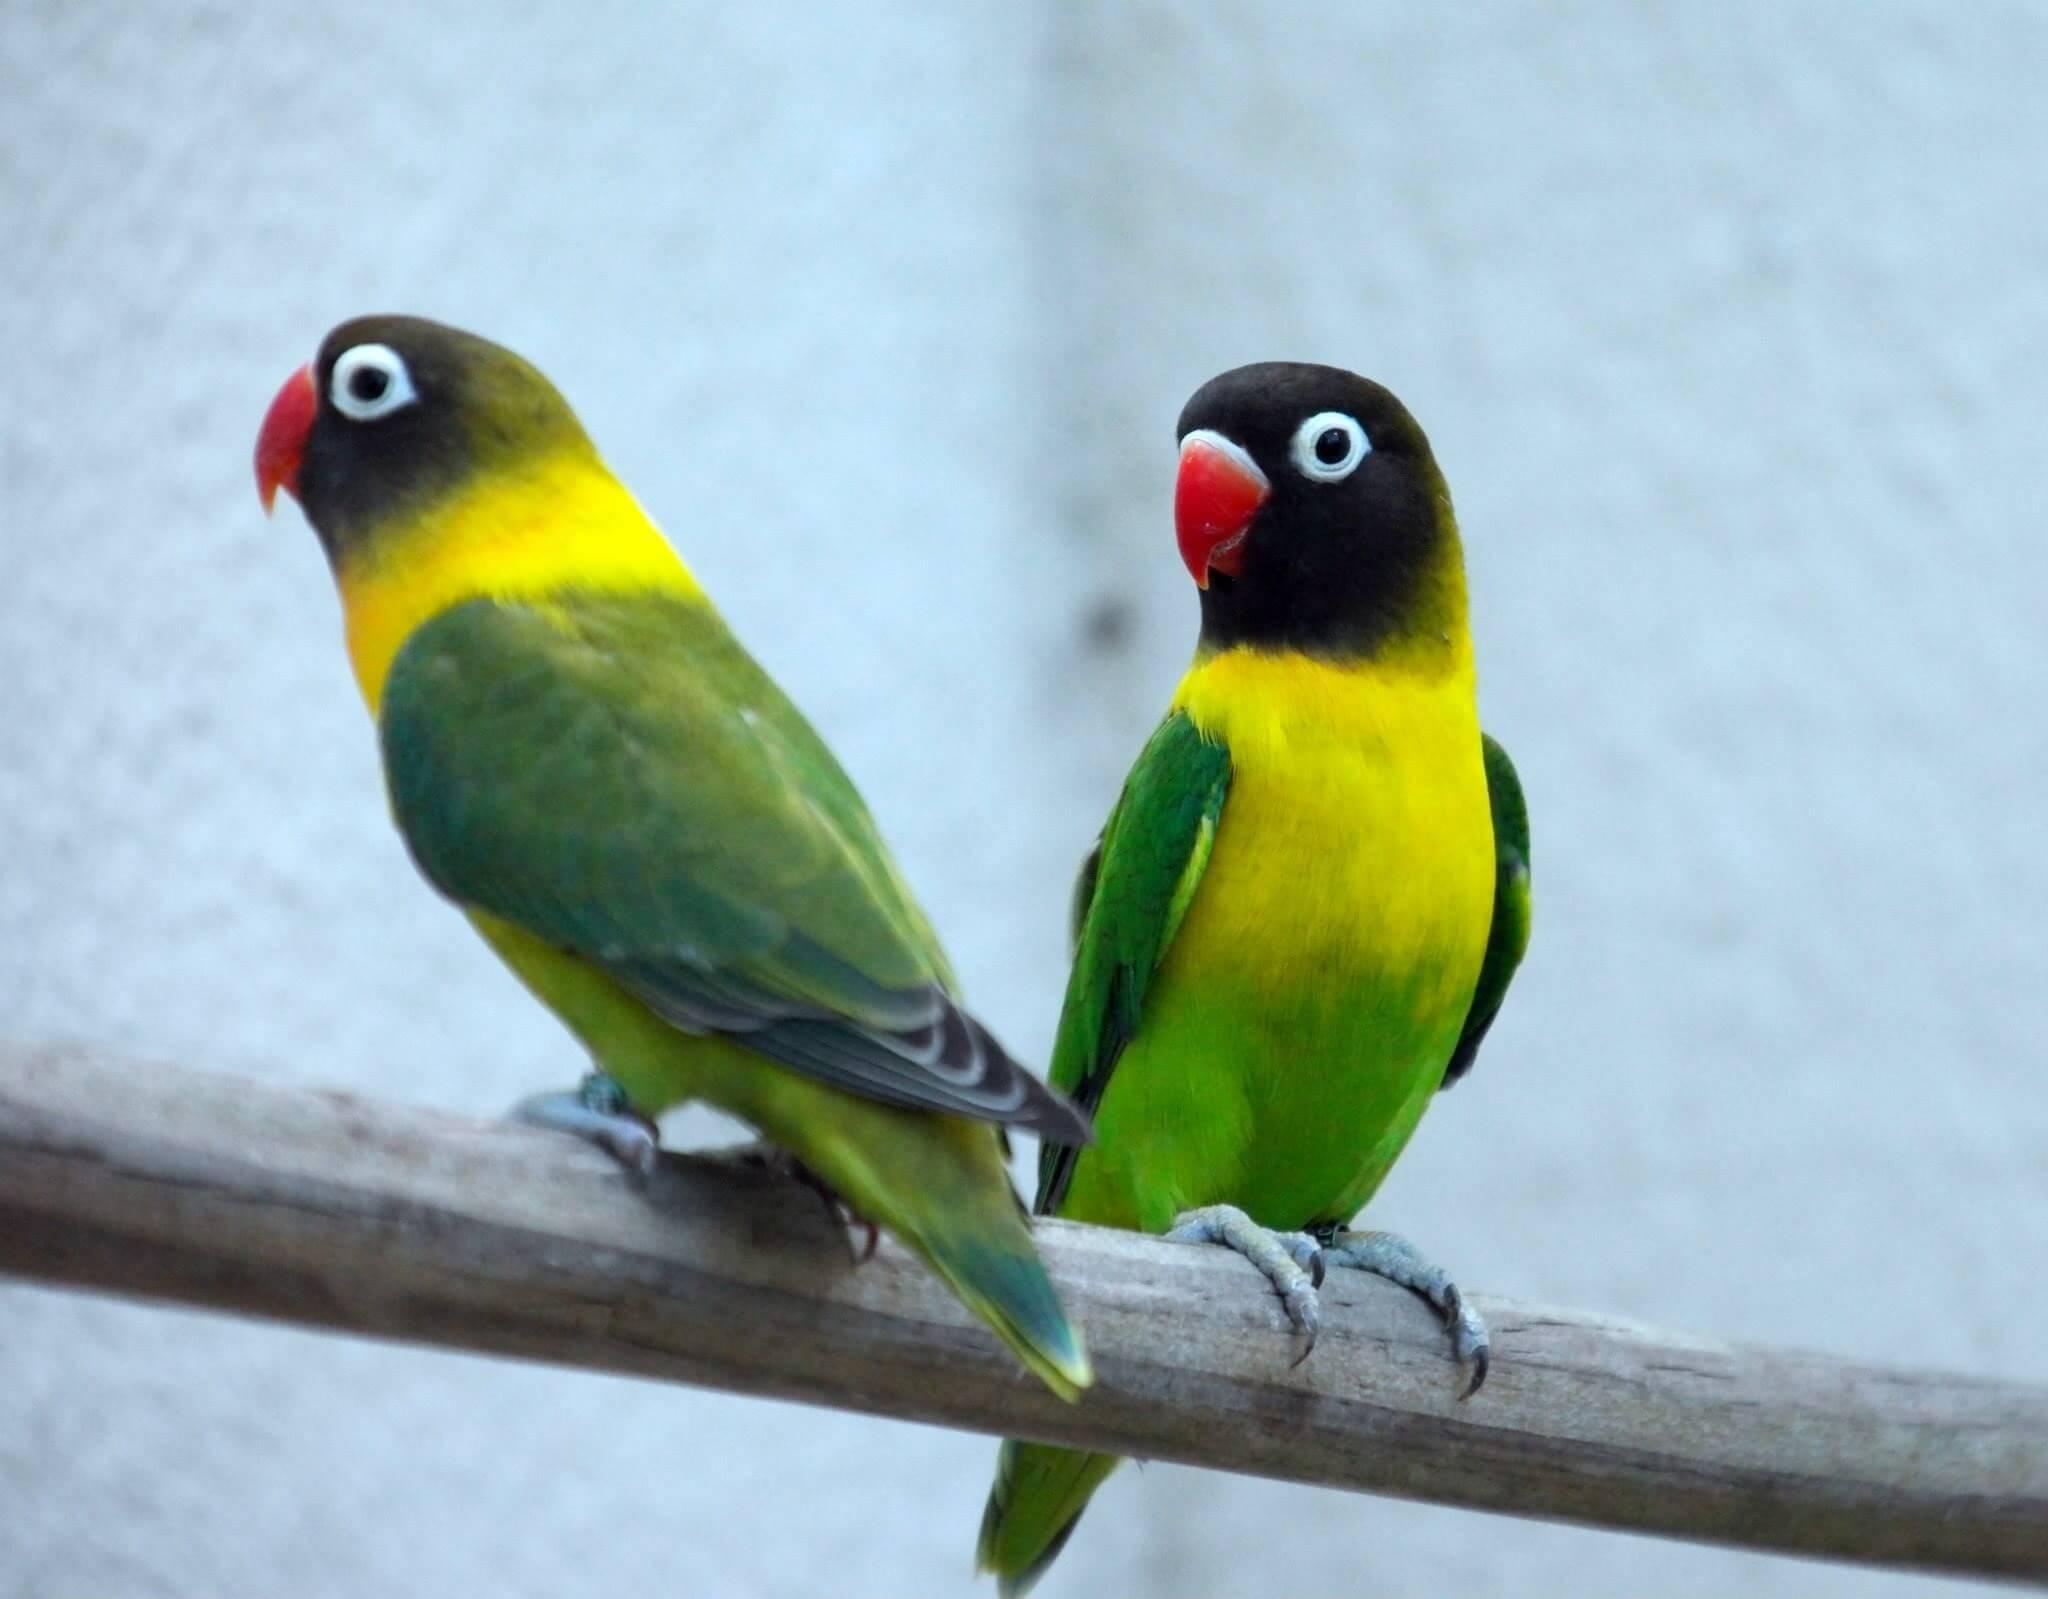 ciri-ciri tingkah laku lovebird jantan dan betina